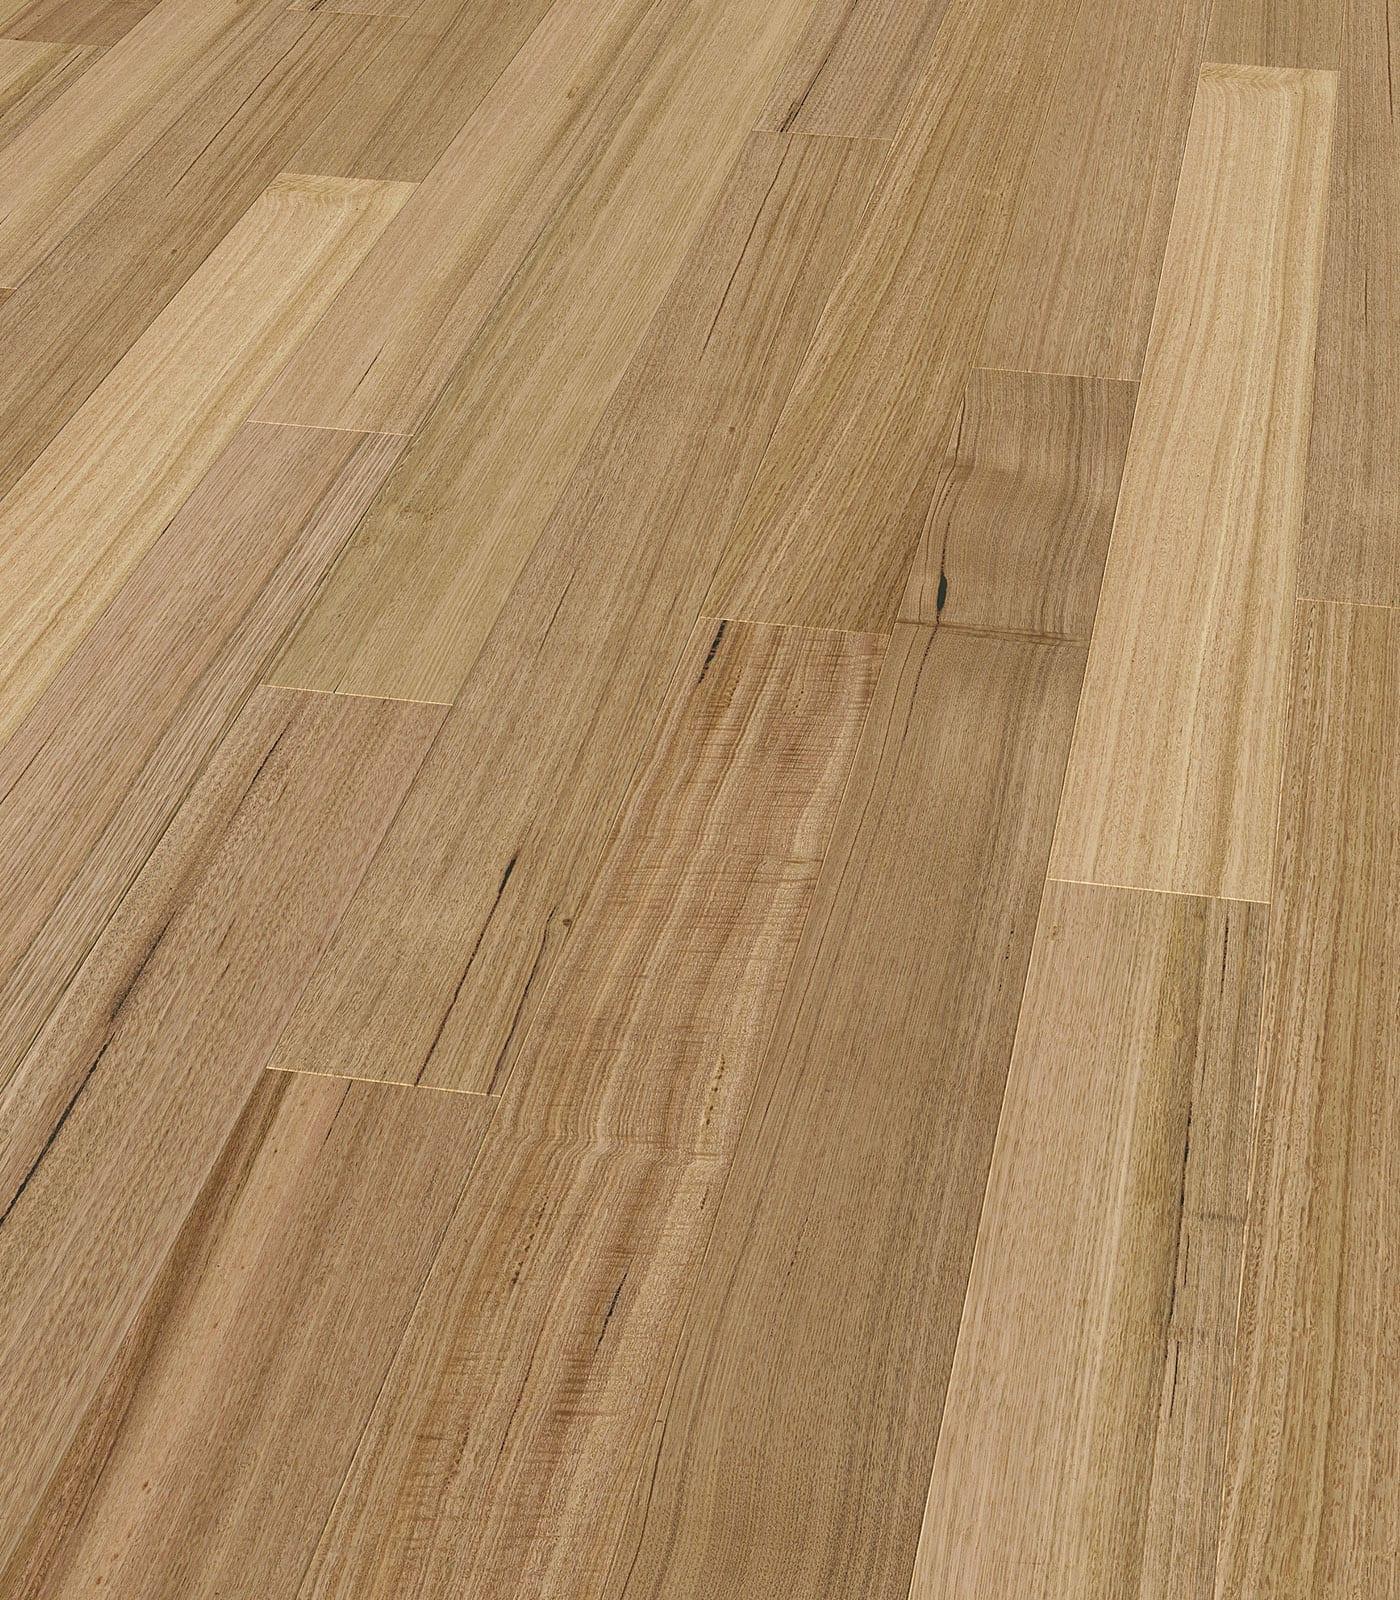 Tasmanian Oak-Origins Collection-Engineered floors-angle